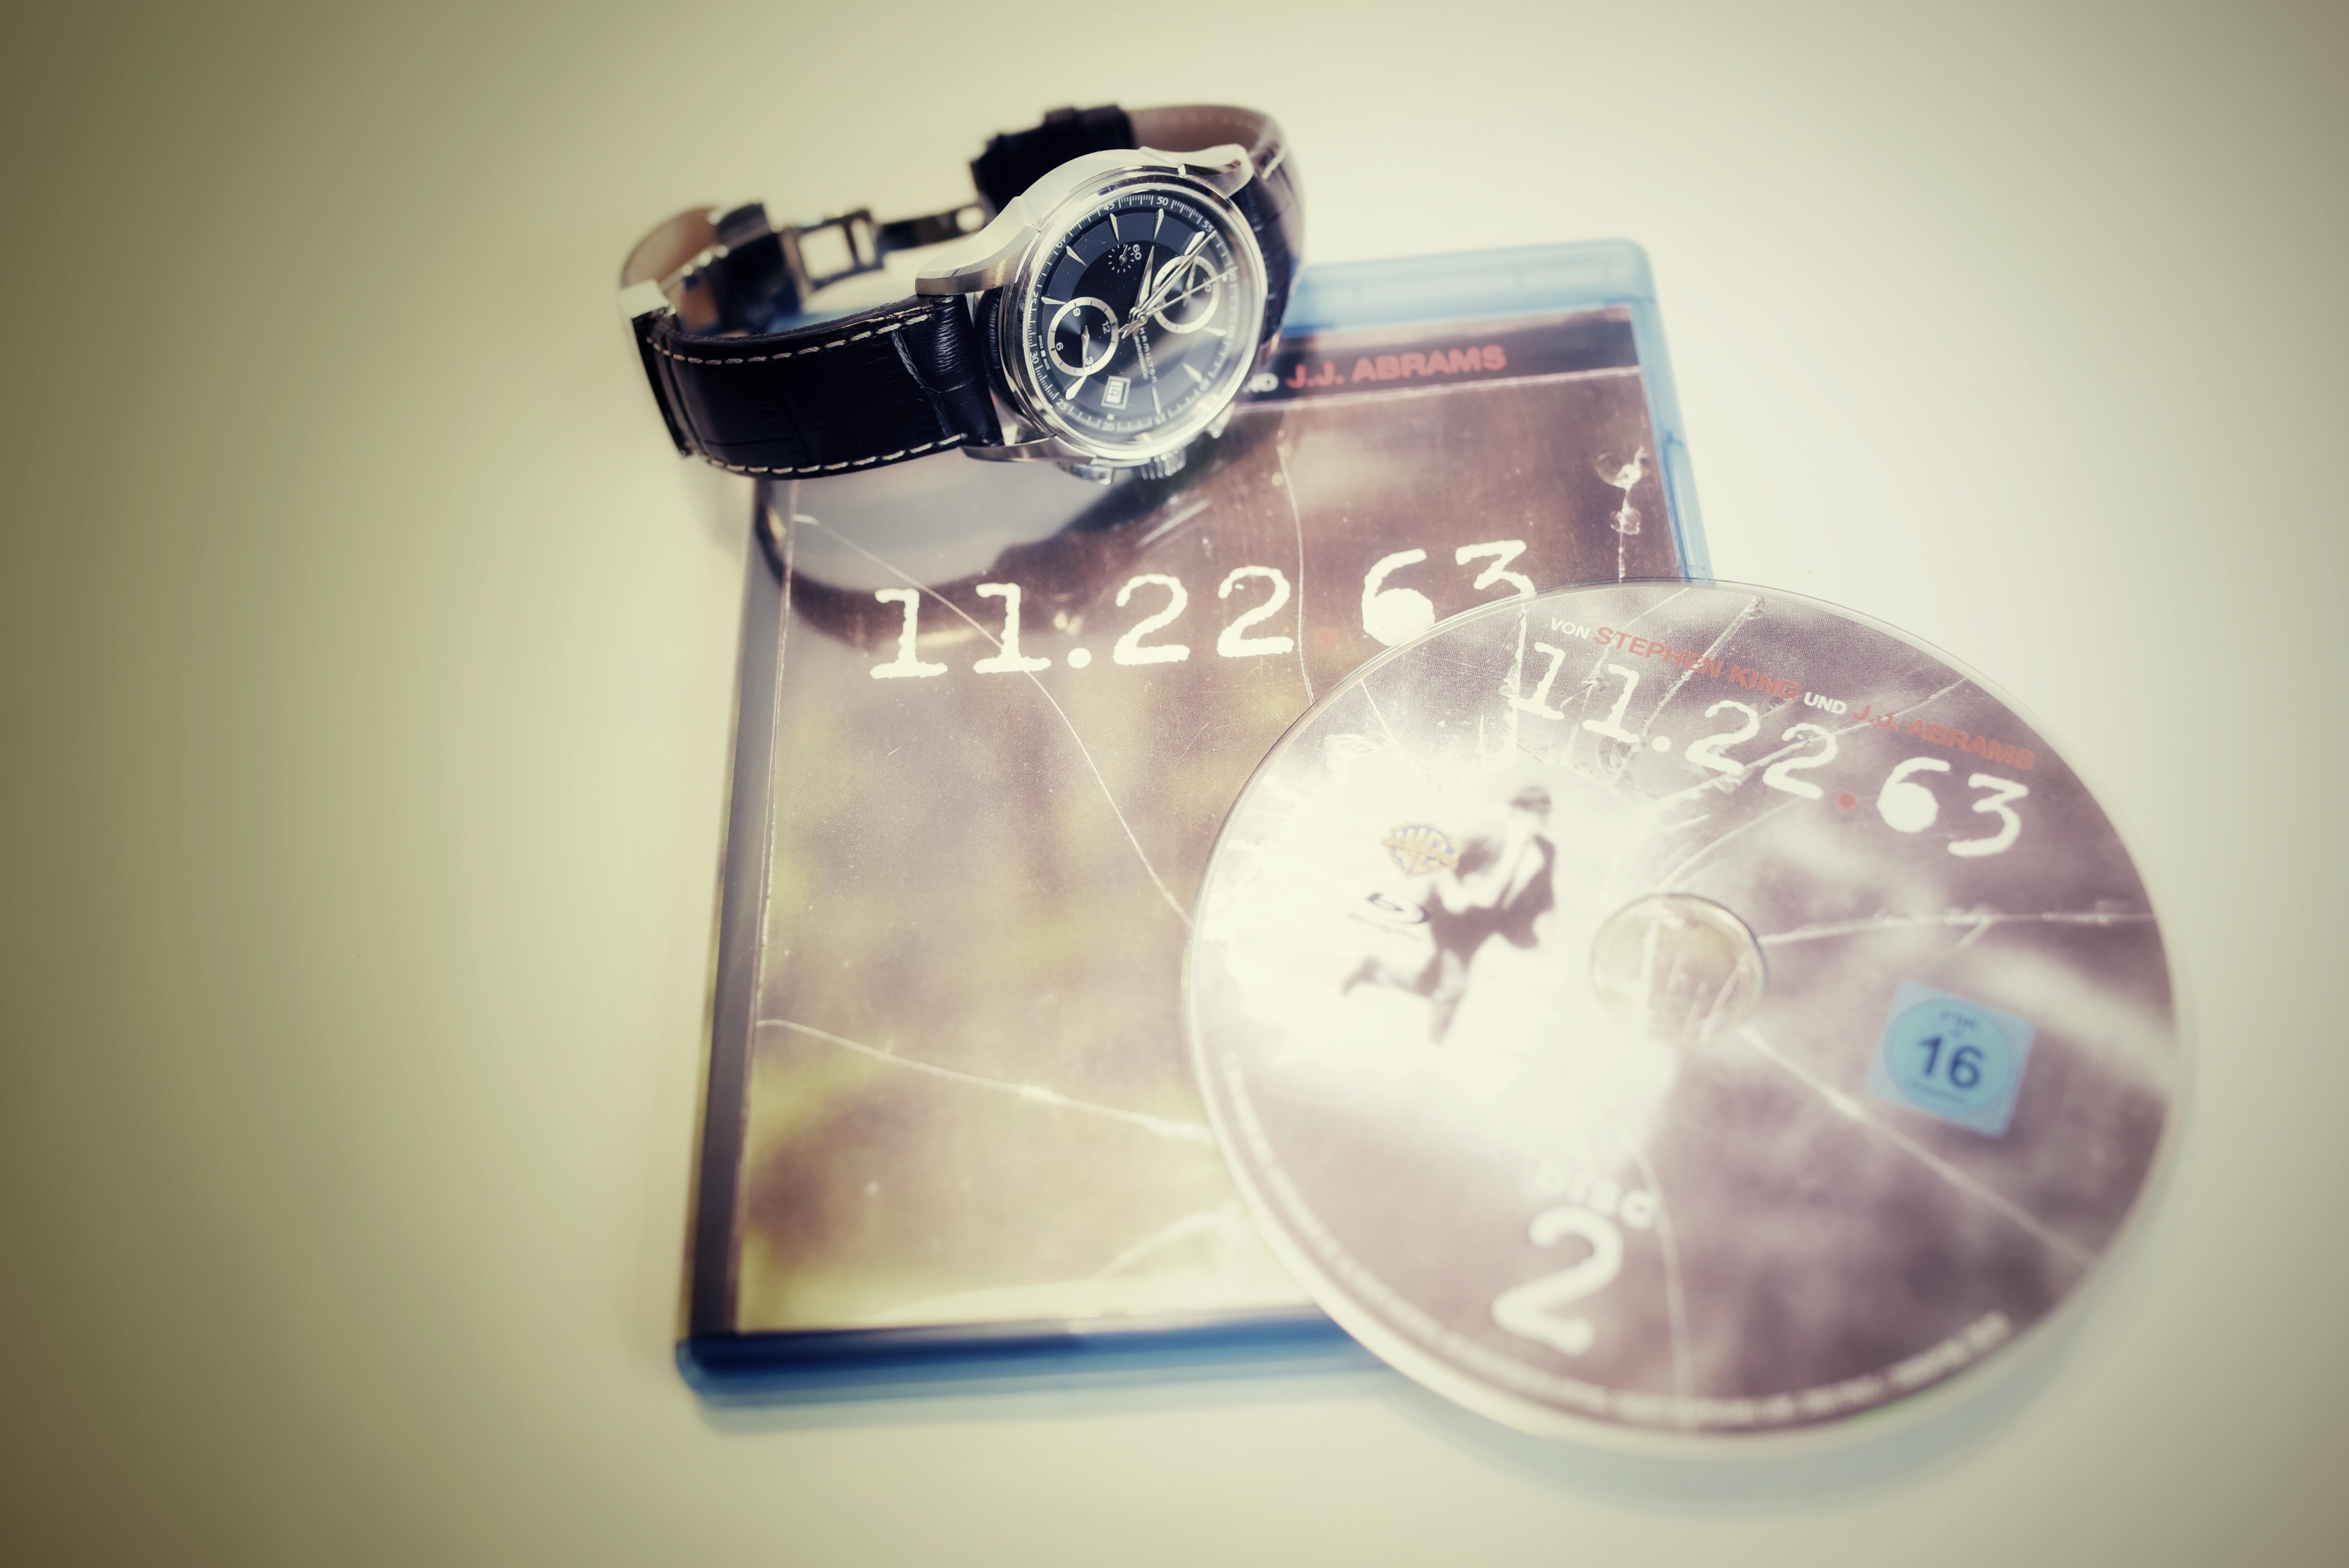 11.22.63 und Armbanduhr.